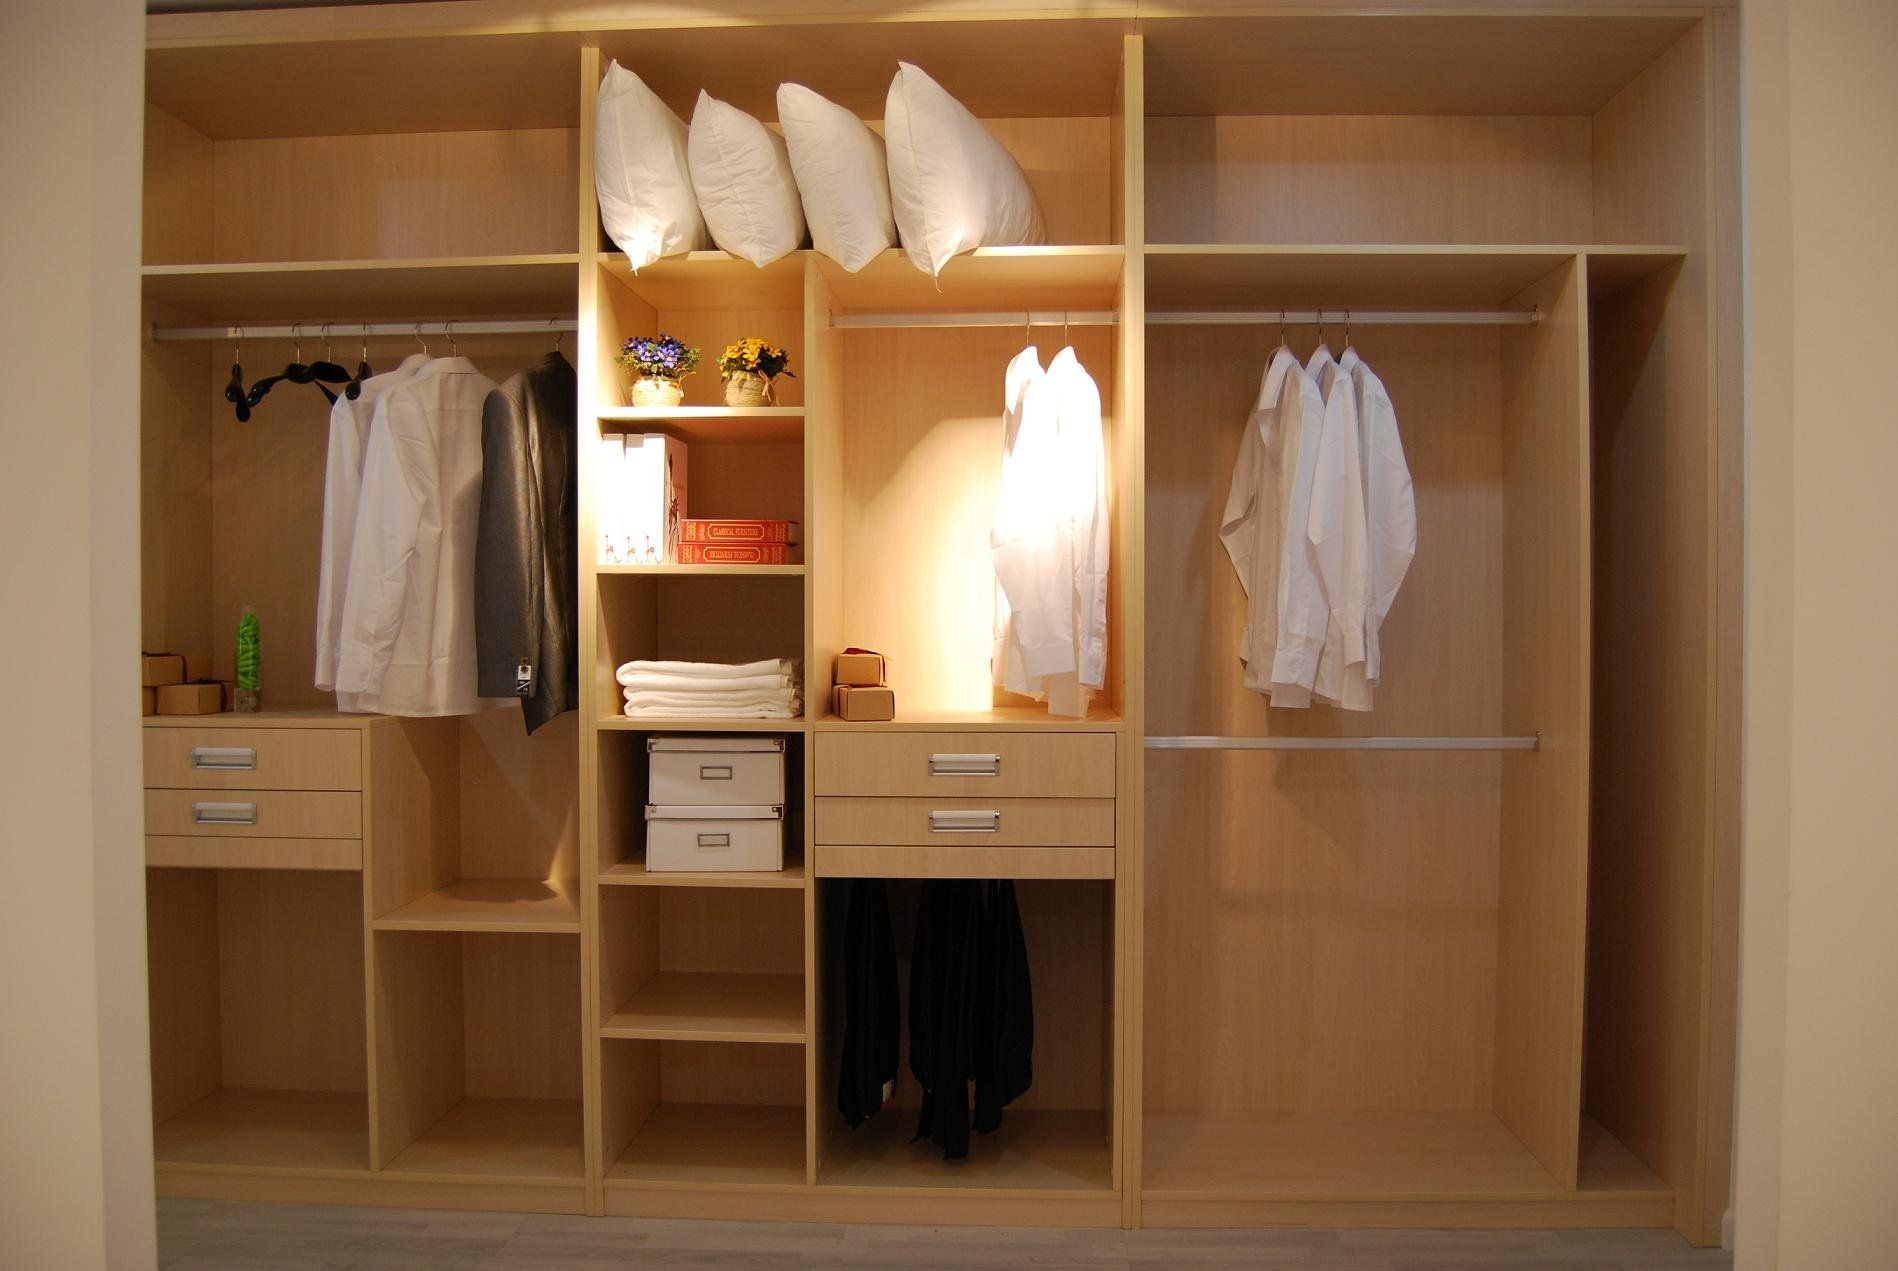 moderno armario de melaminaArmariosGabinetes Roperos